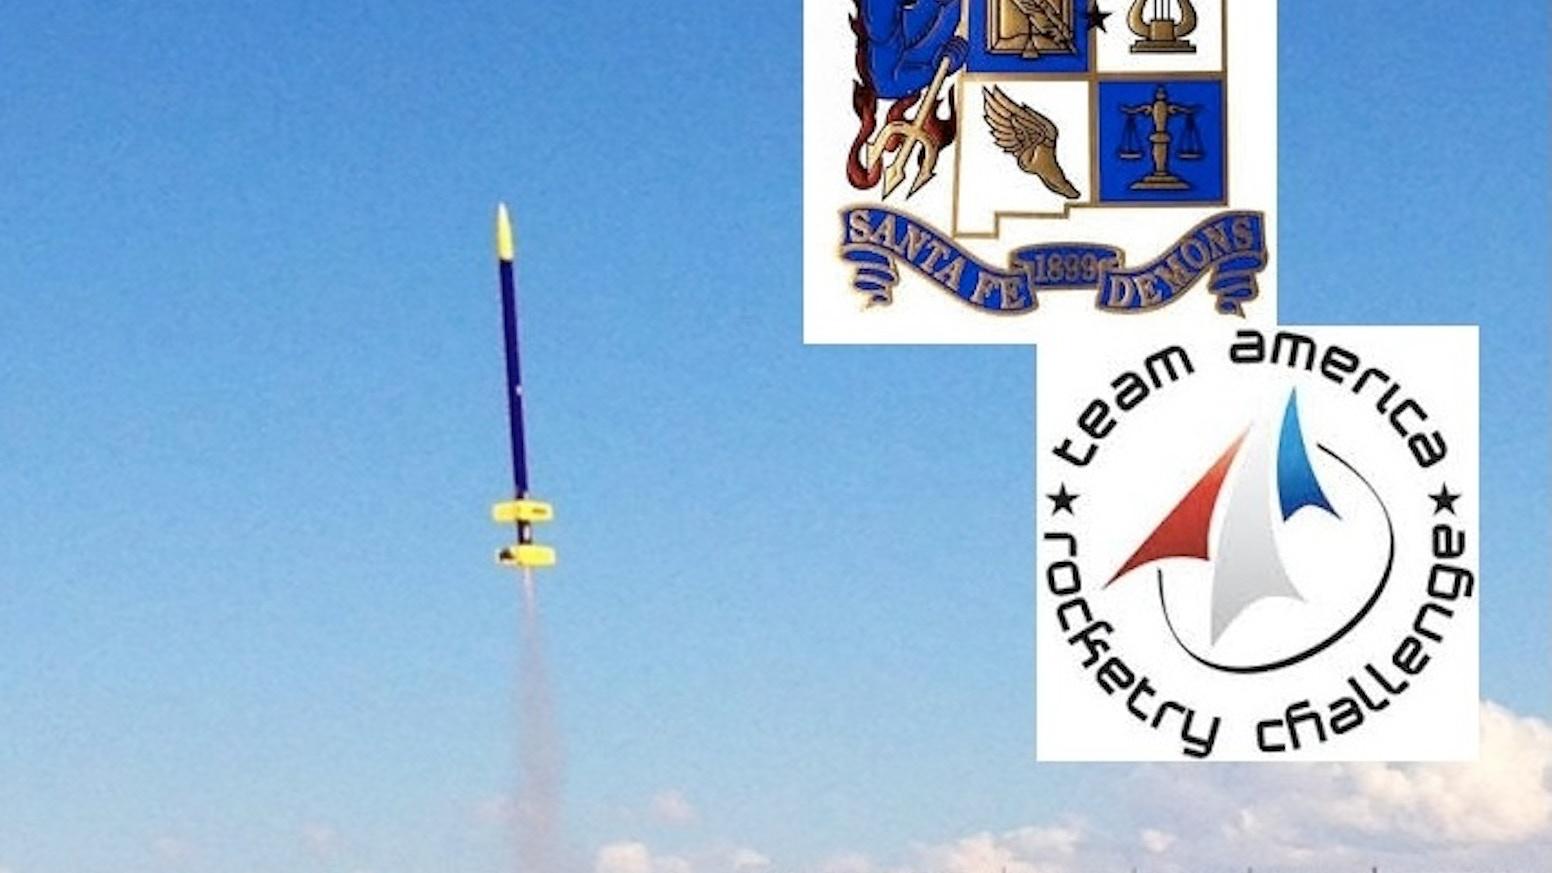 Launch Santa Fe High School's Rocket Club! by Brian Smith